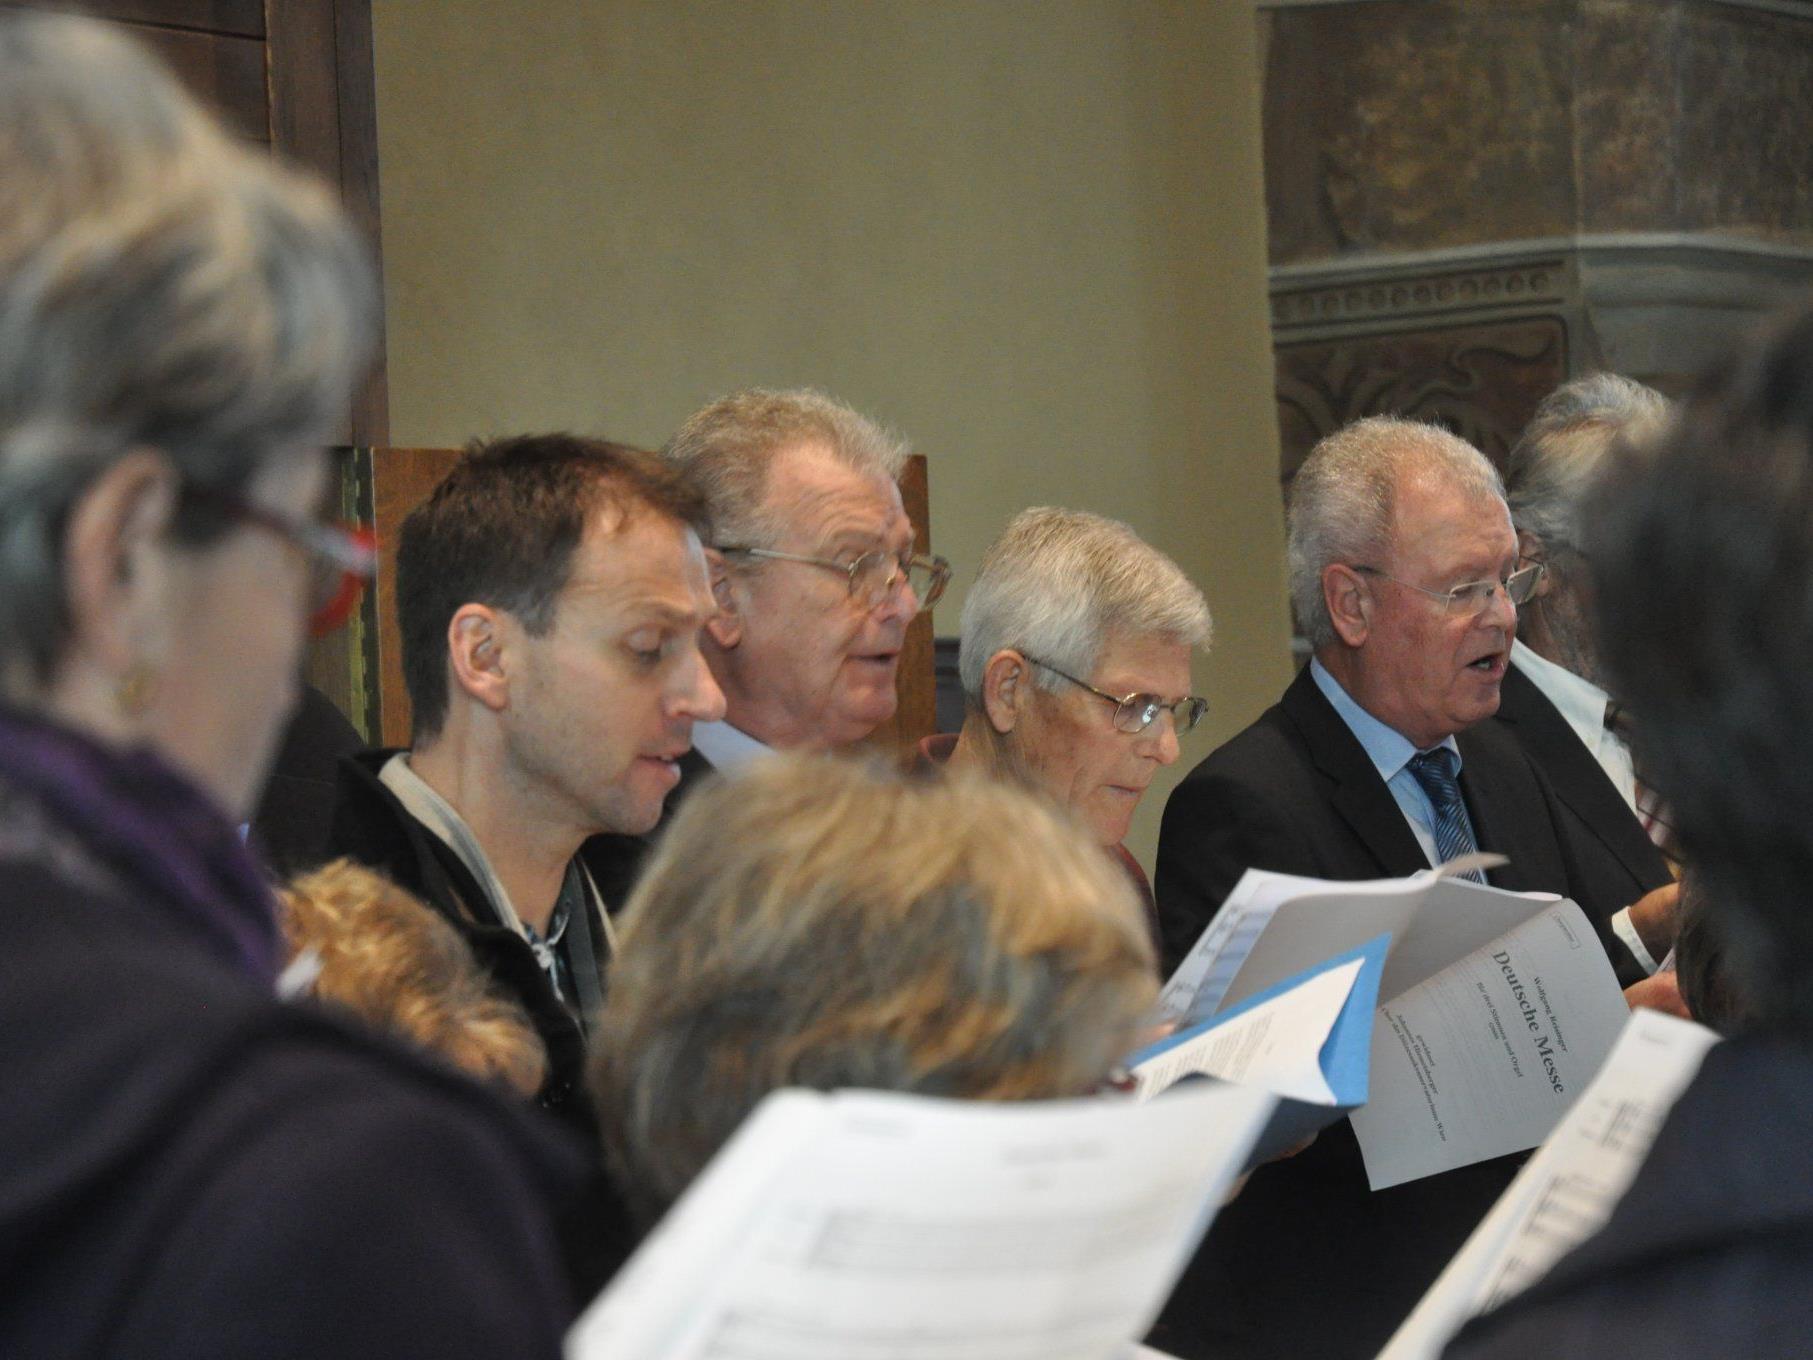 Der Weiler Kirchenchor sang bei seinem Jubiläum die Deutsche Messe.